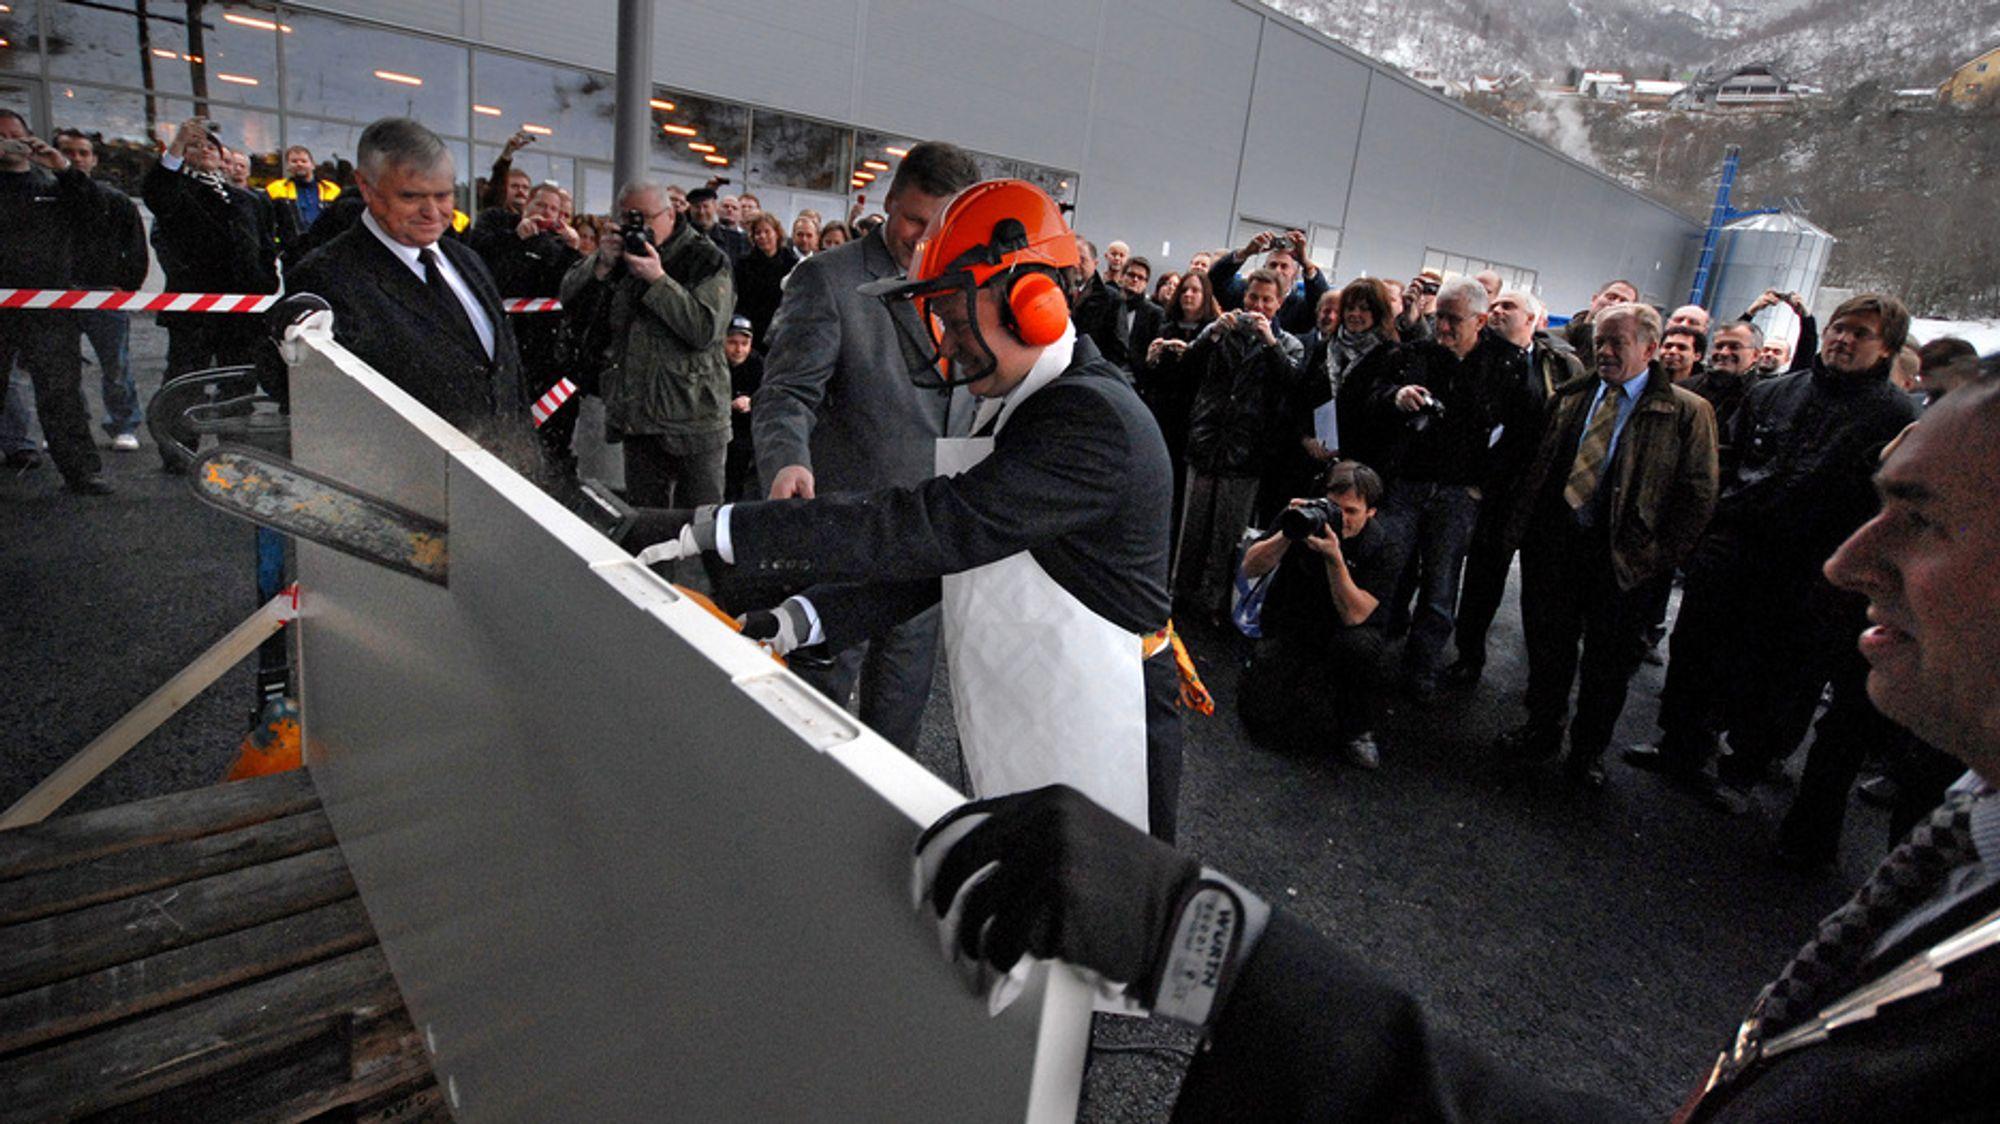 STENGER DØRENE: Nå stenger Dooria-fabrikken i Årdal dørene. Investorene mener fabrikken ikke er levedyktig. Her fra åpningen, med Årdal-ordfører Arild Ingar Lægreid (fra høyre), konsernsjef Knut Løvdal Stauri (med motorsag) markedssjef Jan Heggheim og fylkesordfører Nils R. Sandal.